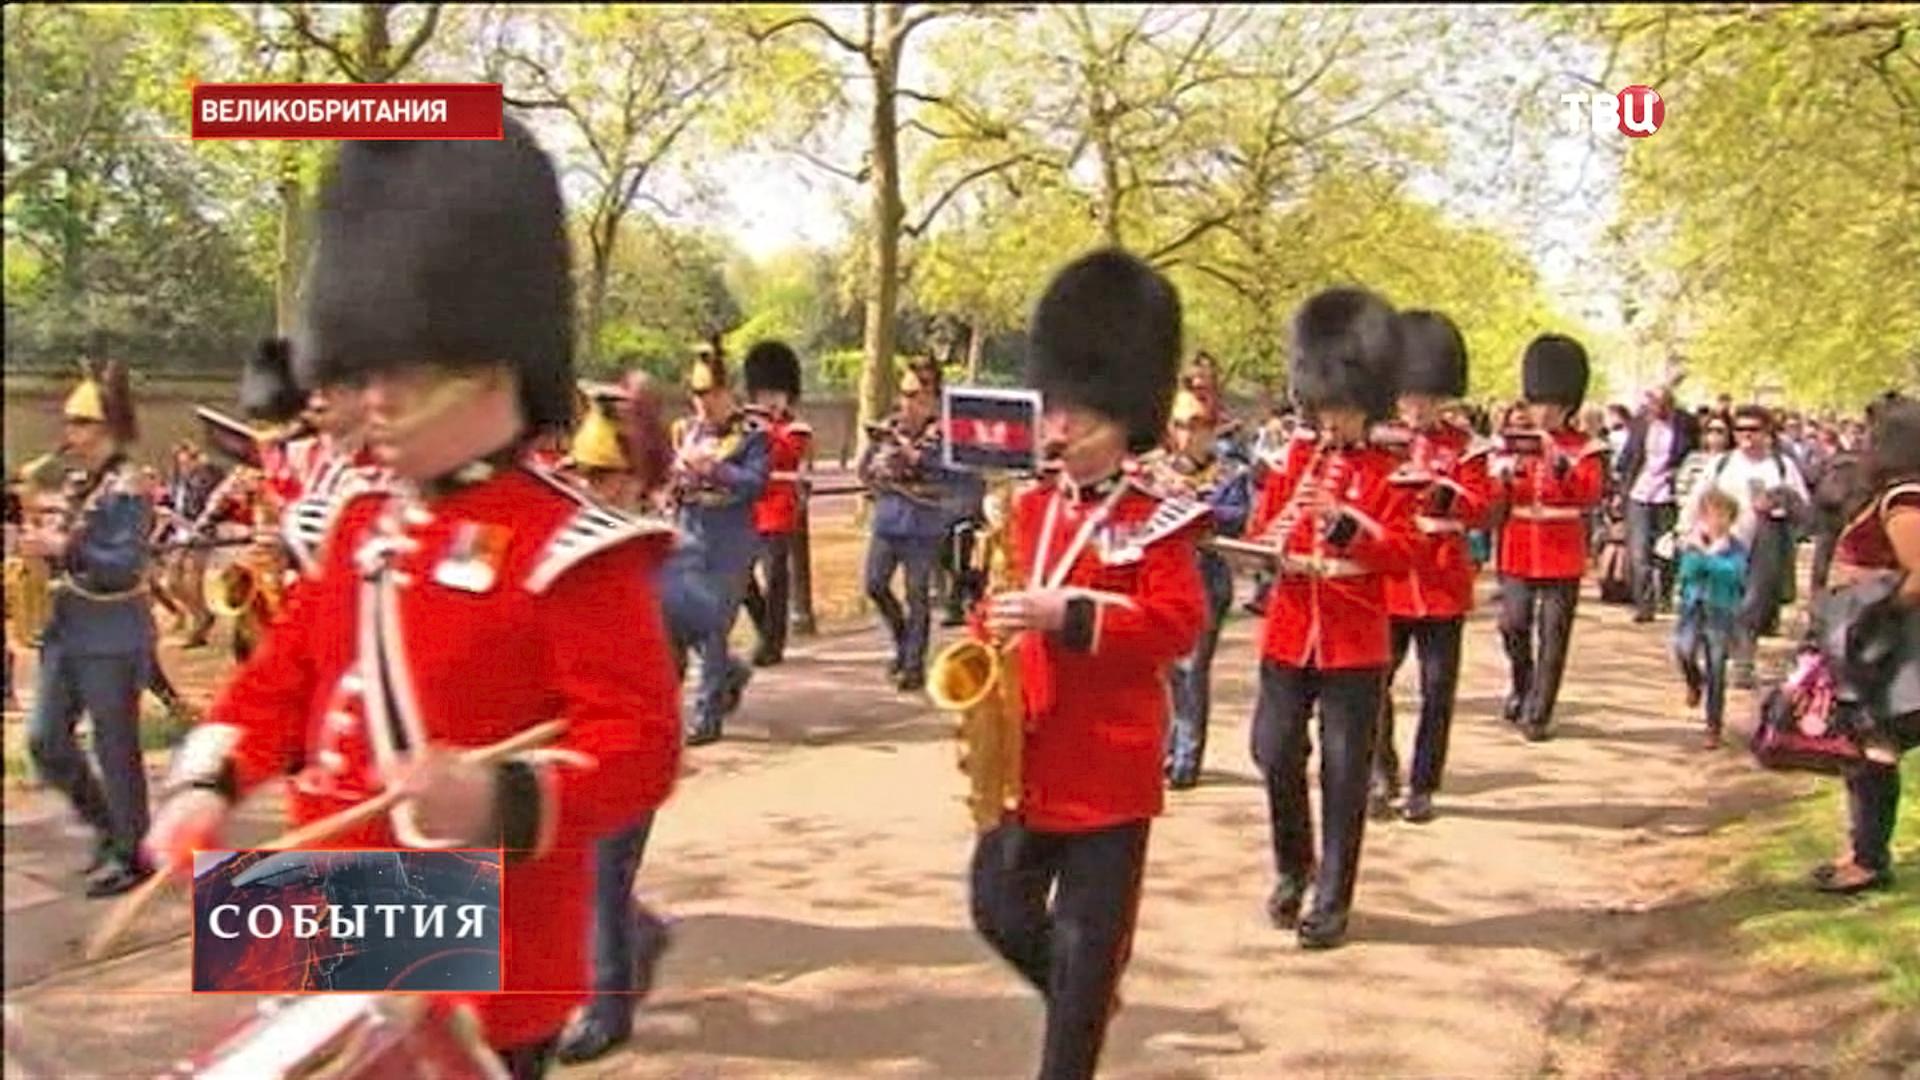 Парад в честь дня рождения Елизаветы II